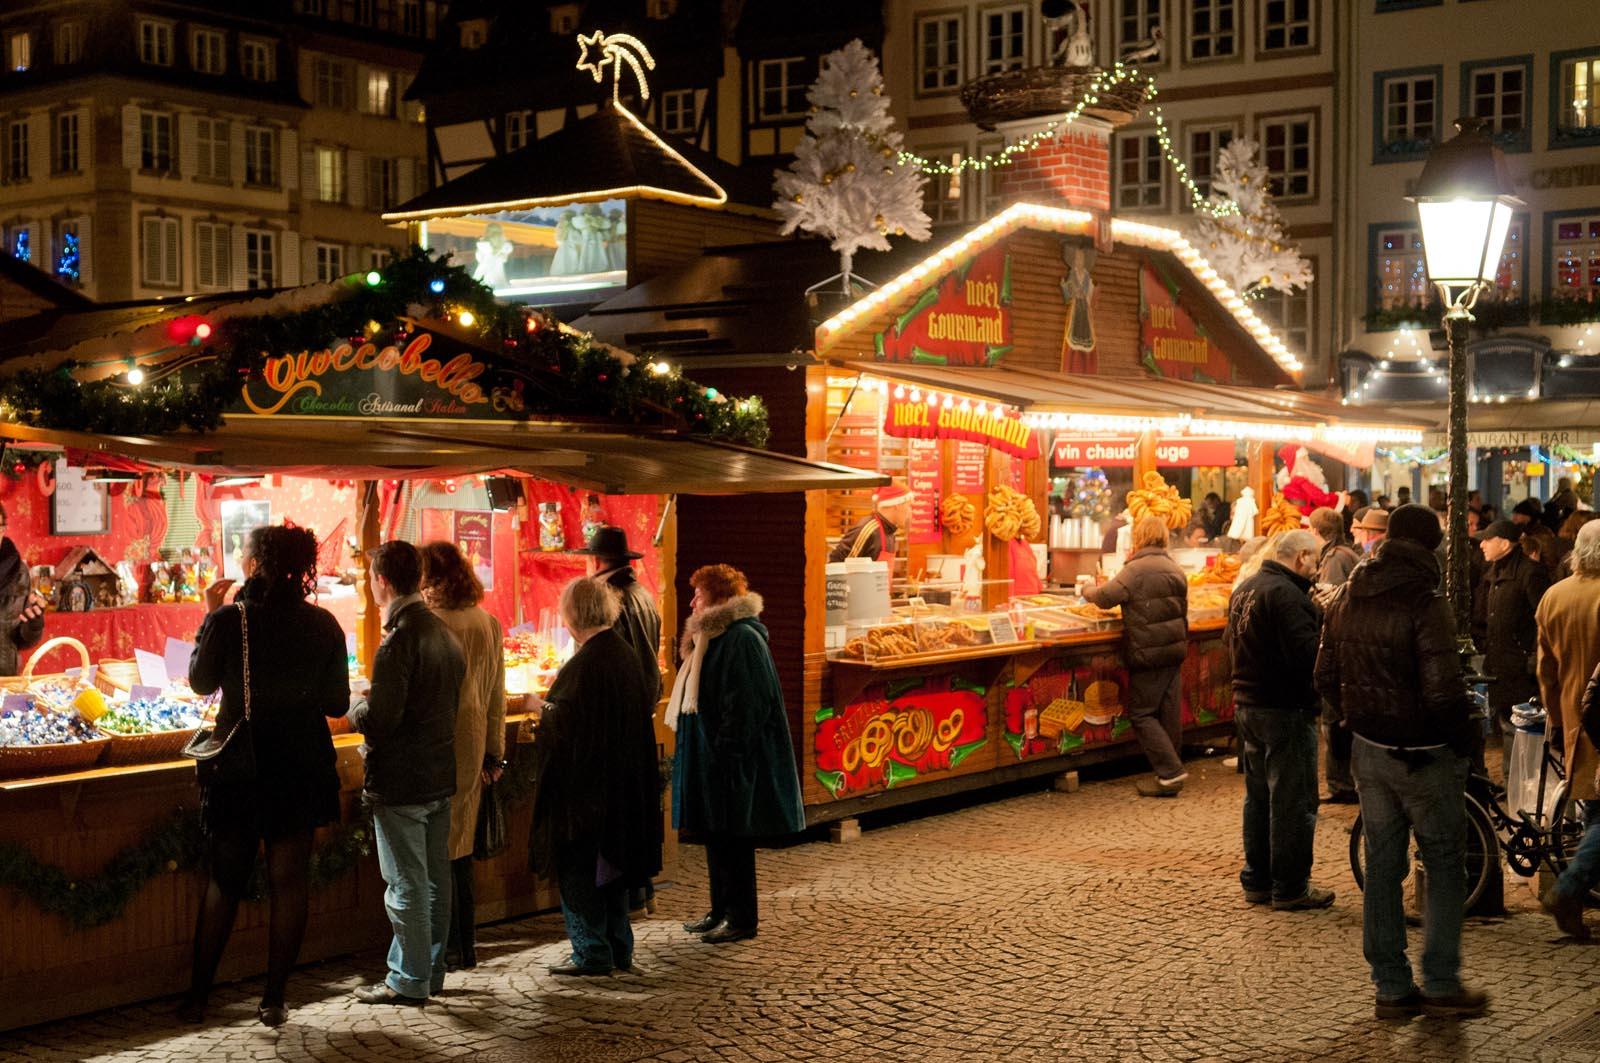 Christmas_Fair_in_Strasbourg_%286710612949%29.jpg?1542968087